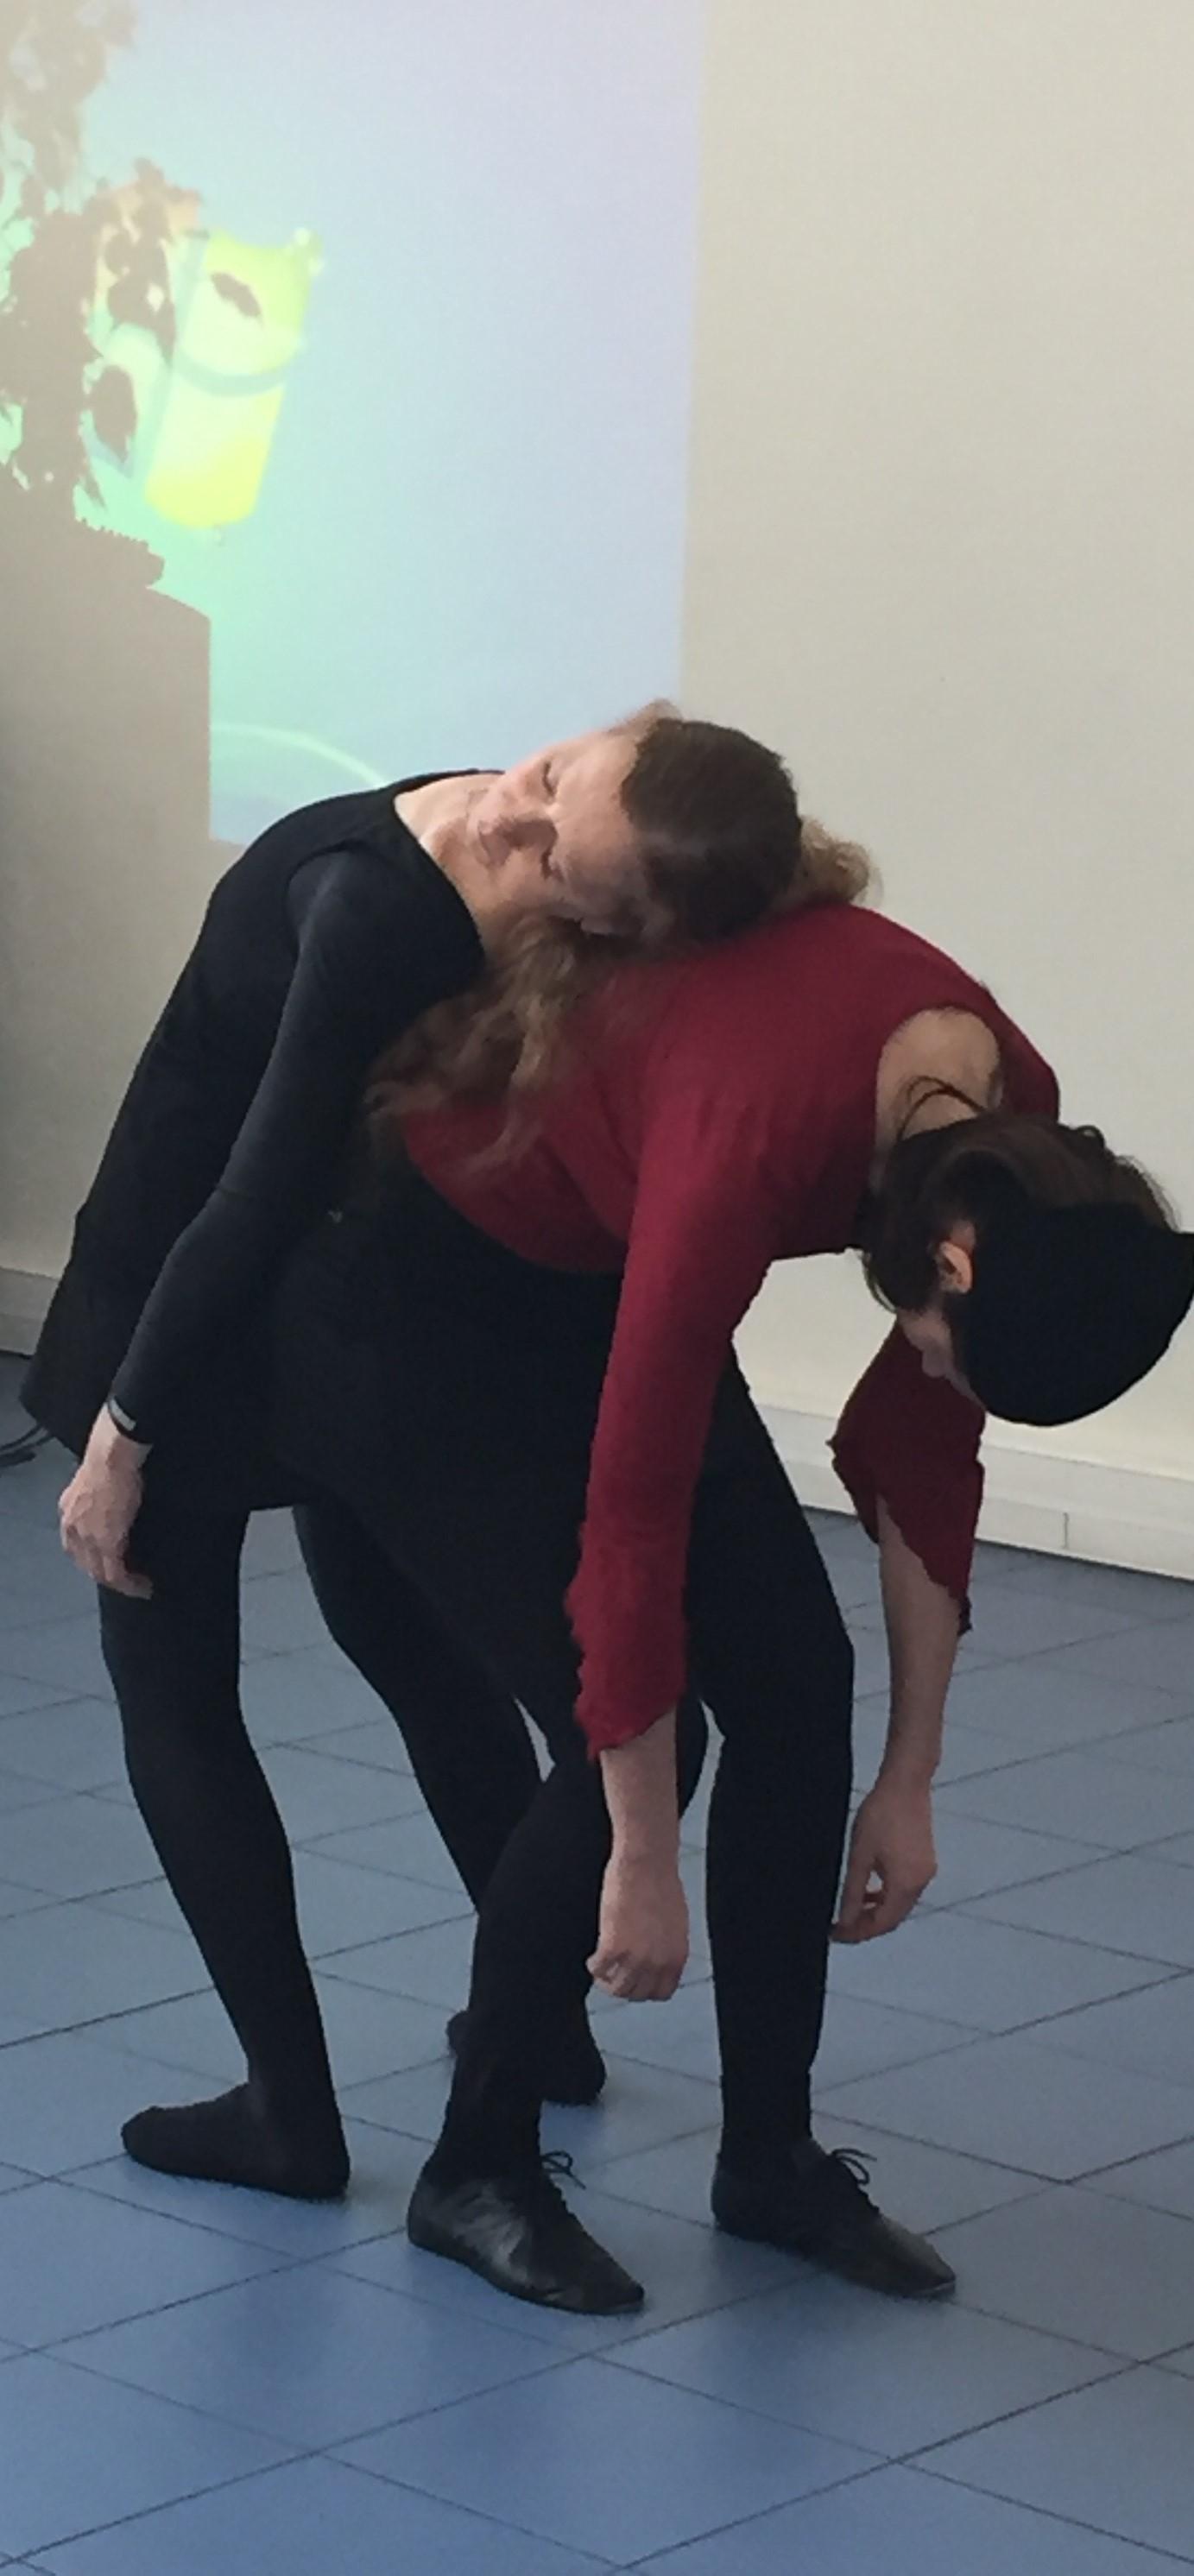 Cours de Danse Adultes - Orlane Vignaud Paris 15ème